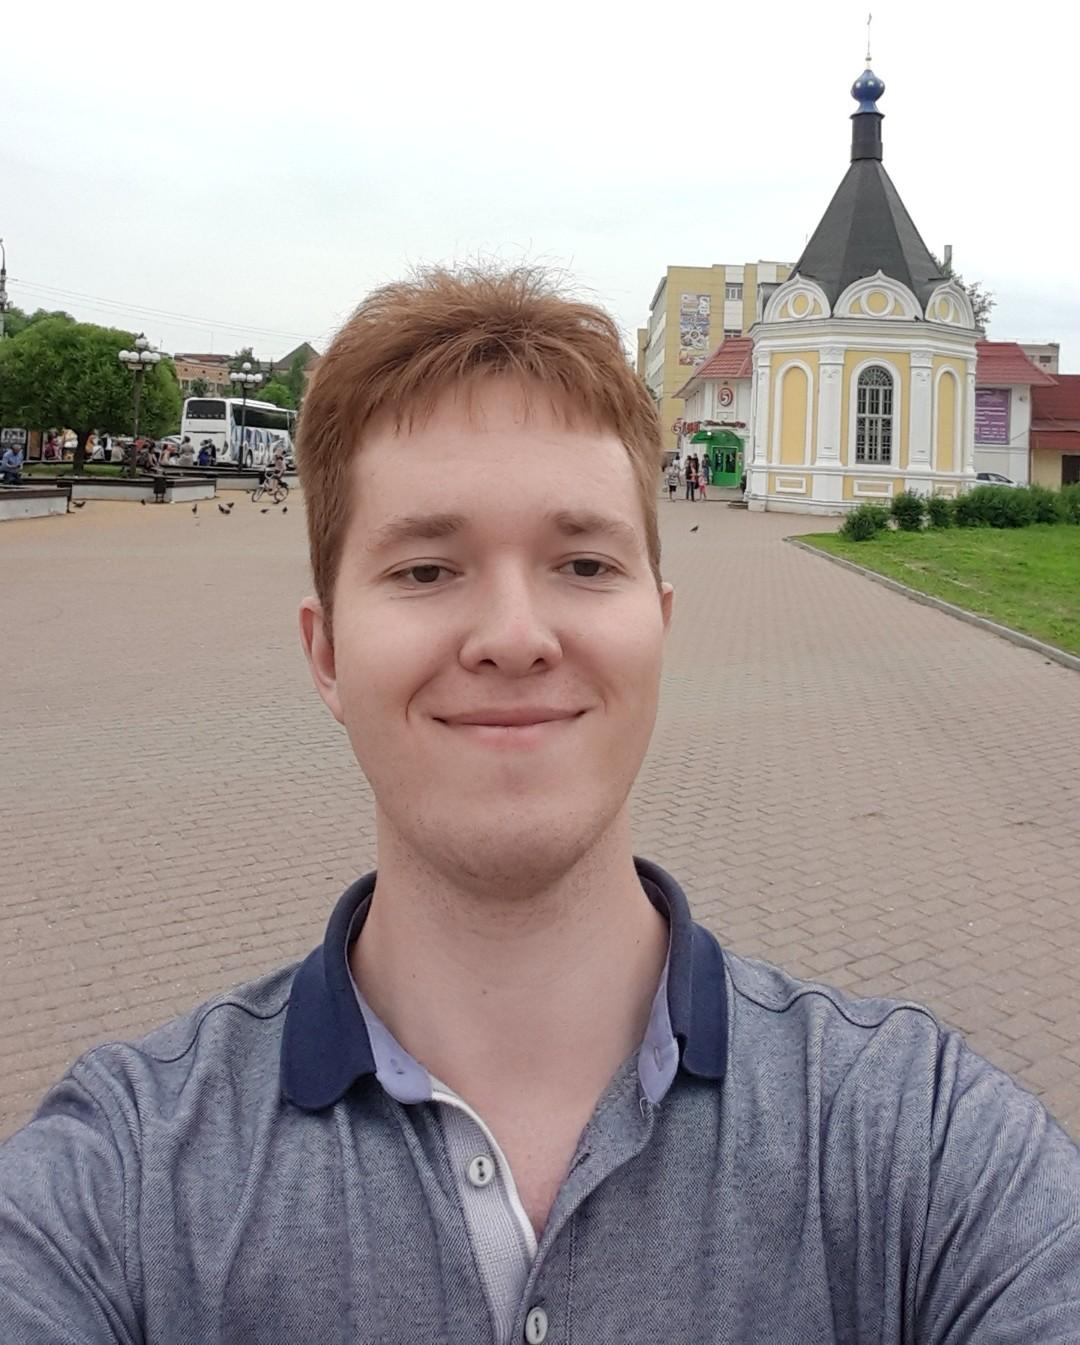 Знакомства г клин московская область чаты и знакомства в беларуси